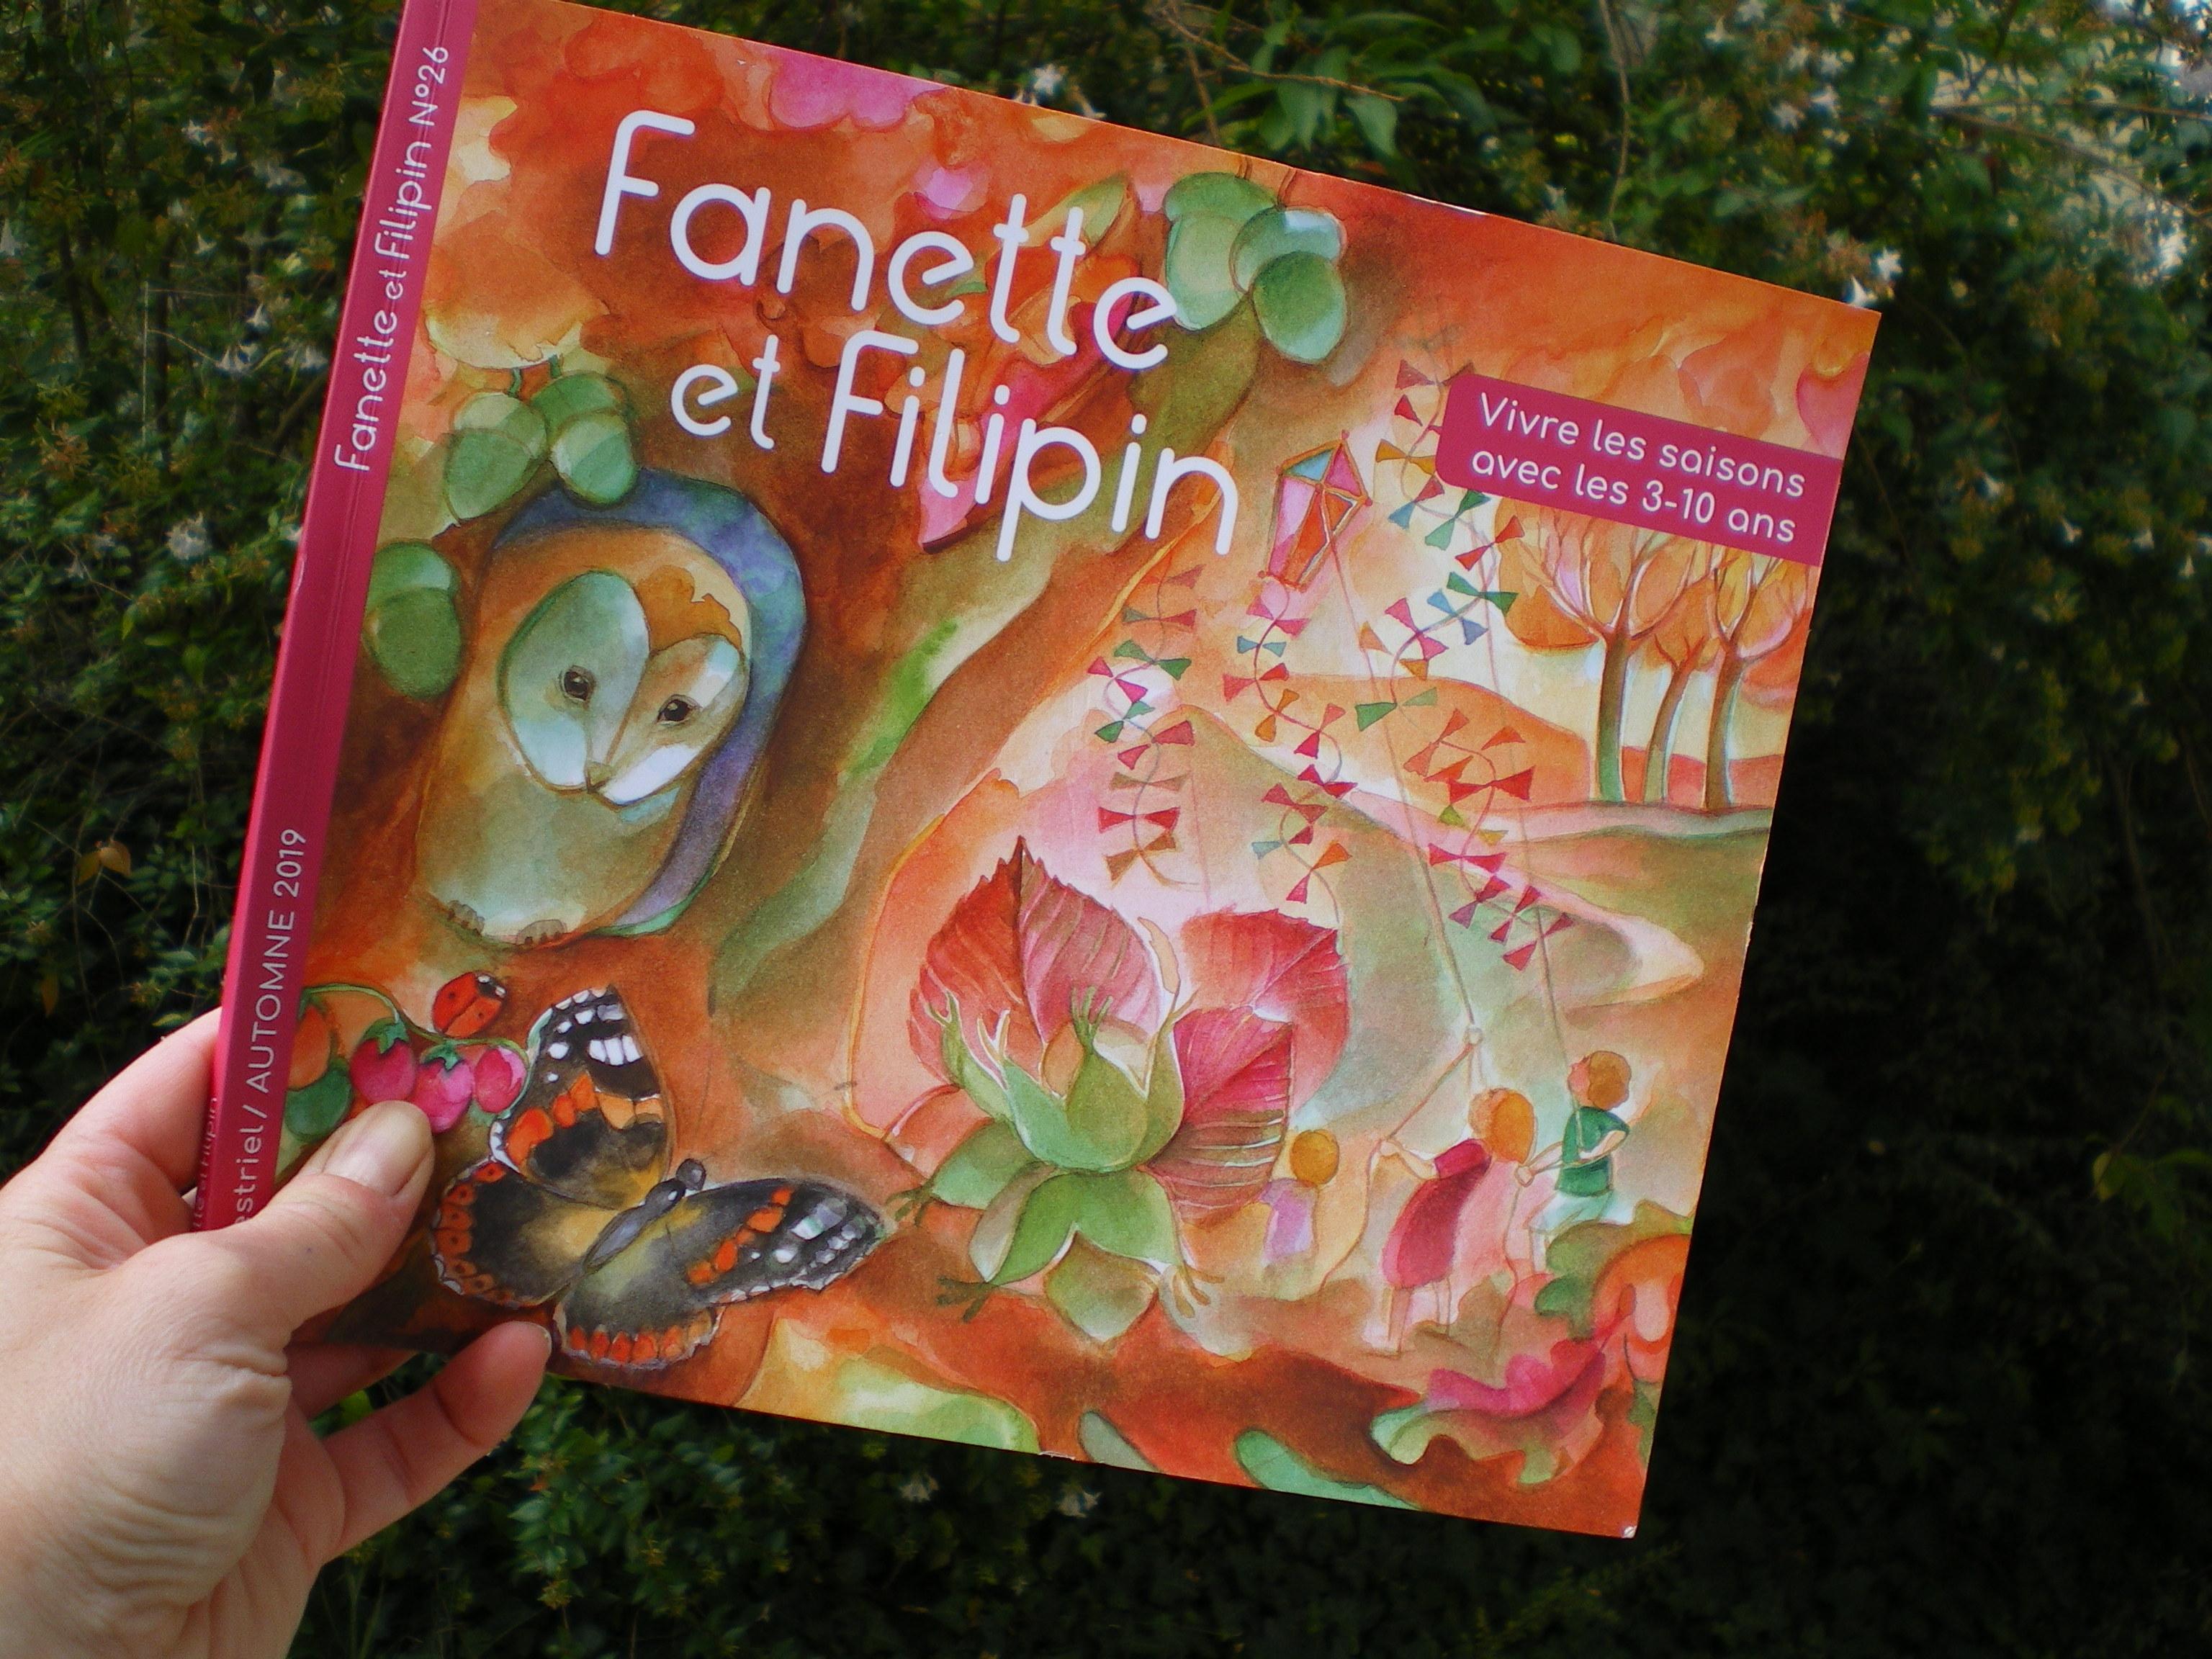 fanette et filipin magazine d'automne